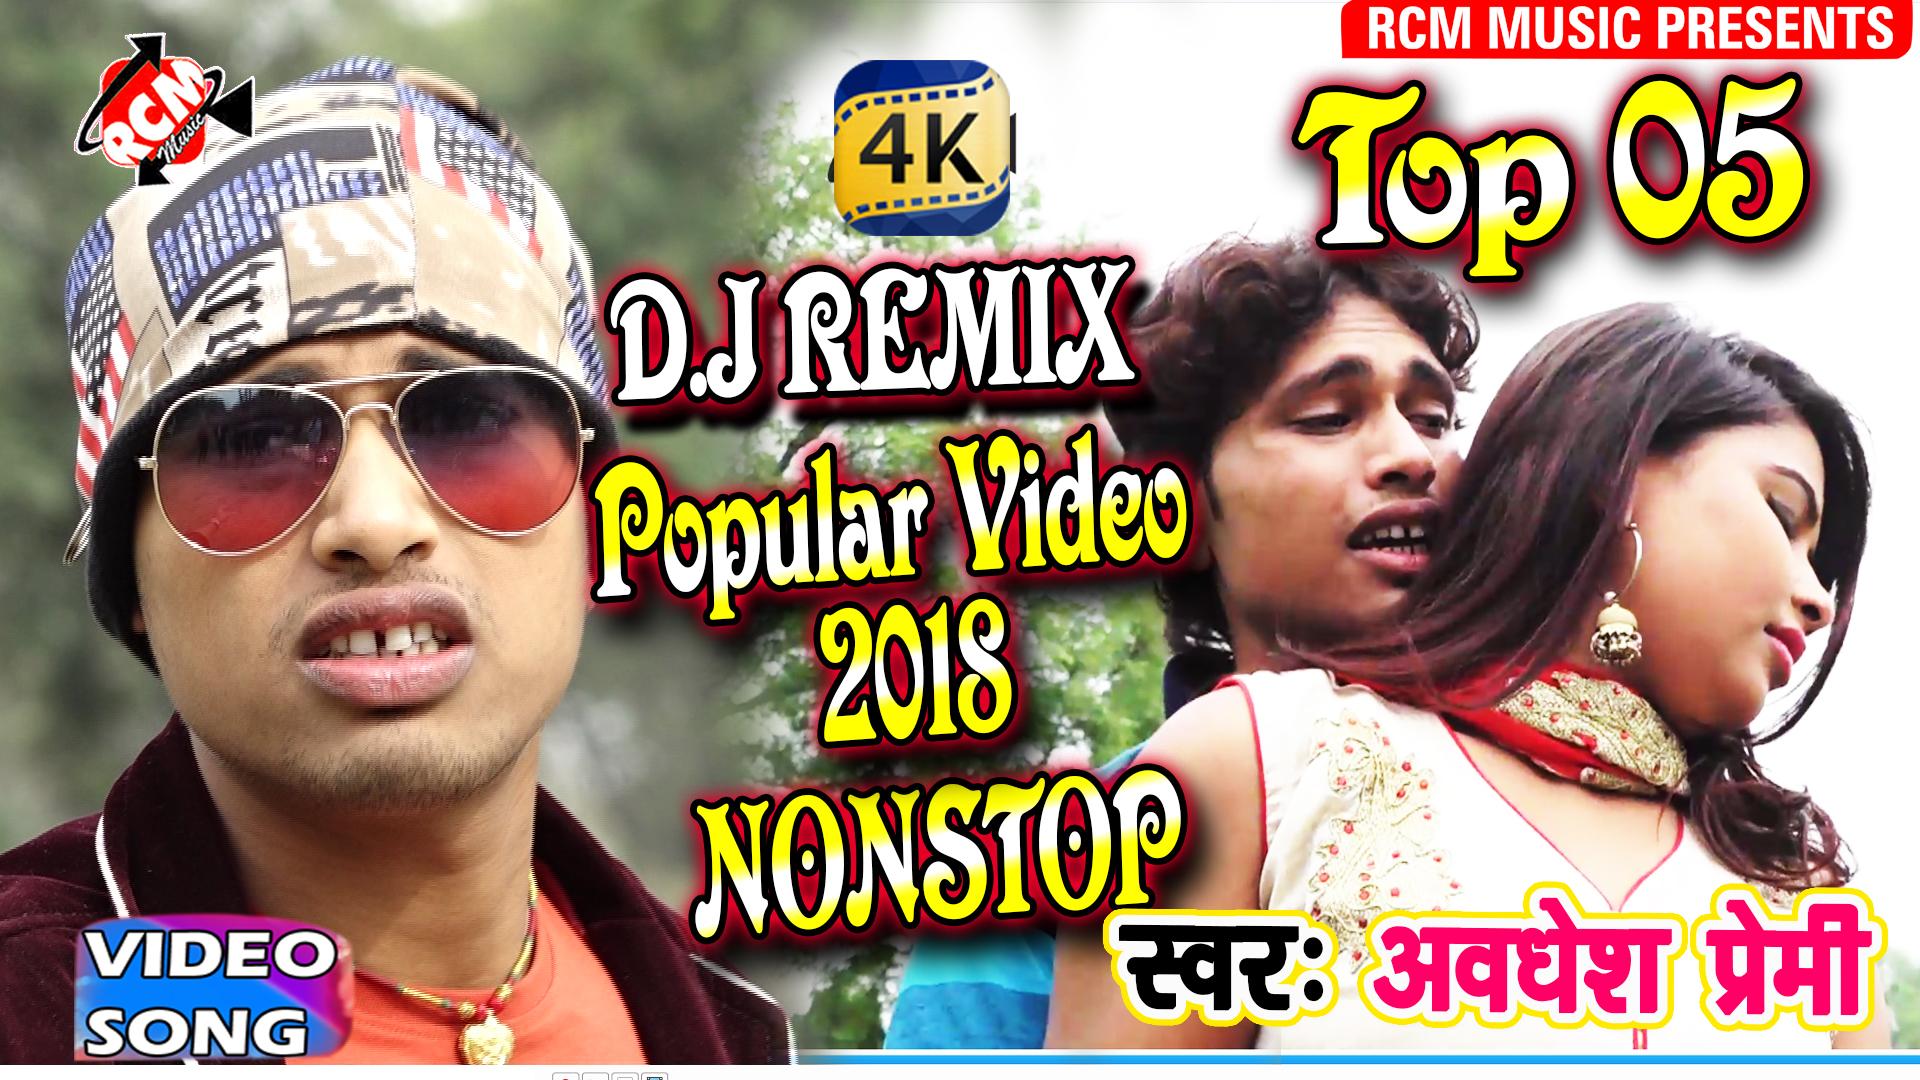 अवधेश प्रेमी का फुल डीजे पॉपुलर वीडियो 2018    Awdhesh Premi Popular Video 2018 